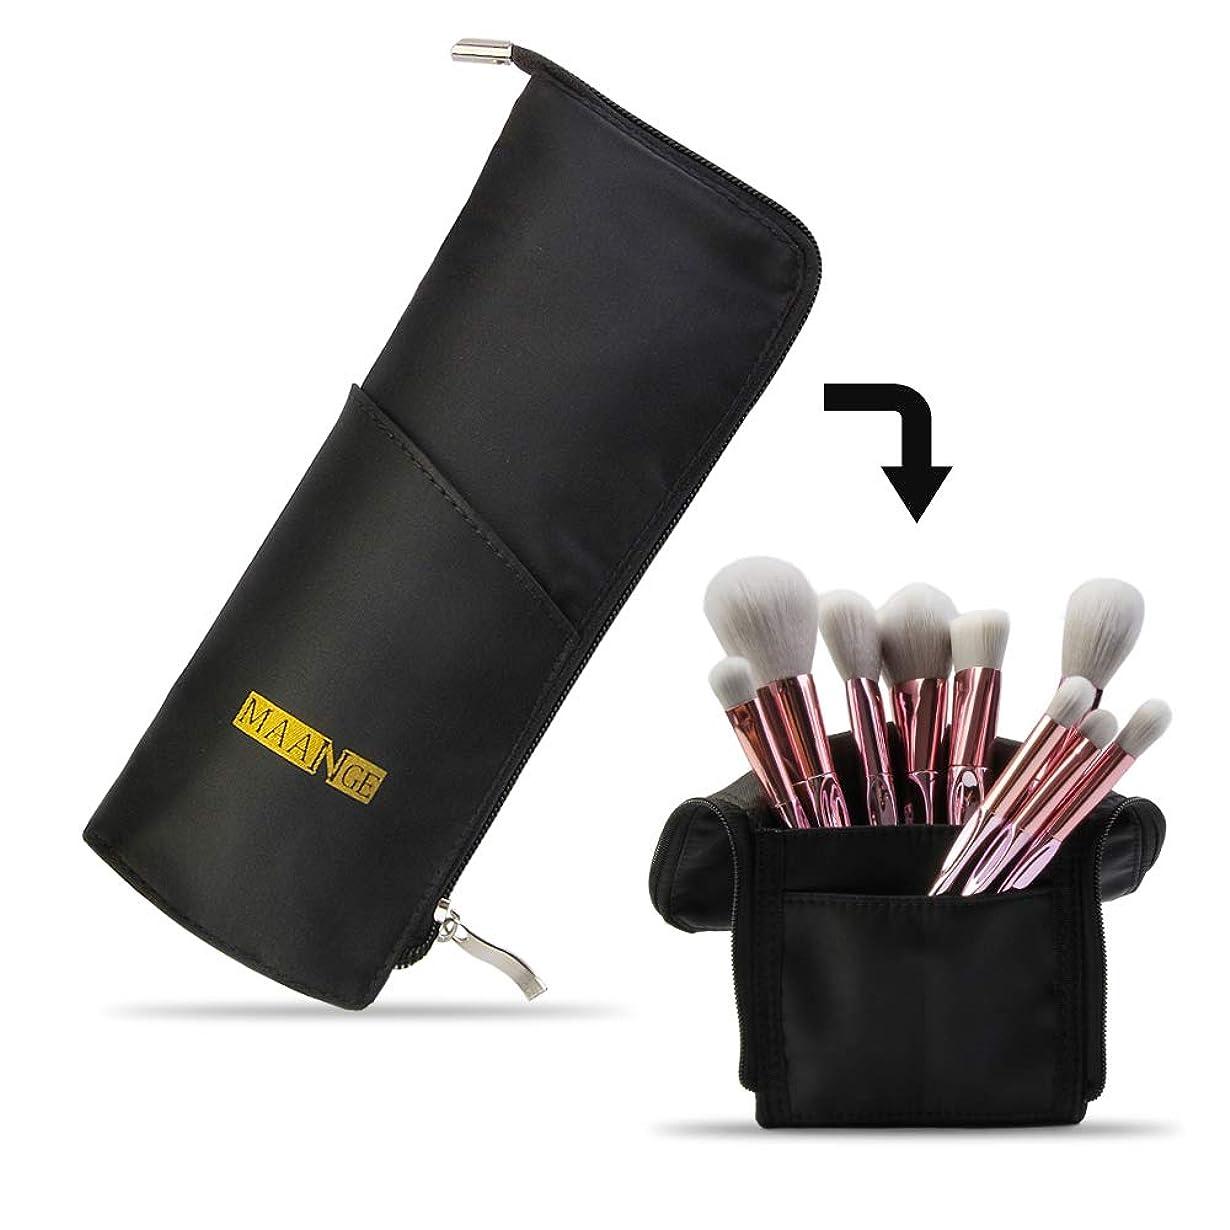 有効なツール透けて見えるMAANGEメイクブラシケース ペンケース 化粧筆ポーチ メイクポーチ 多機能収納バッグ 筆箱 小物入れ メイクブラシホルダー旅行 化粧バッグ(ブラック)